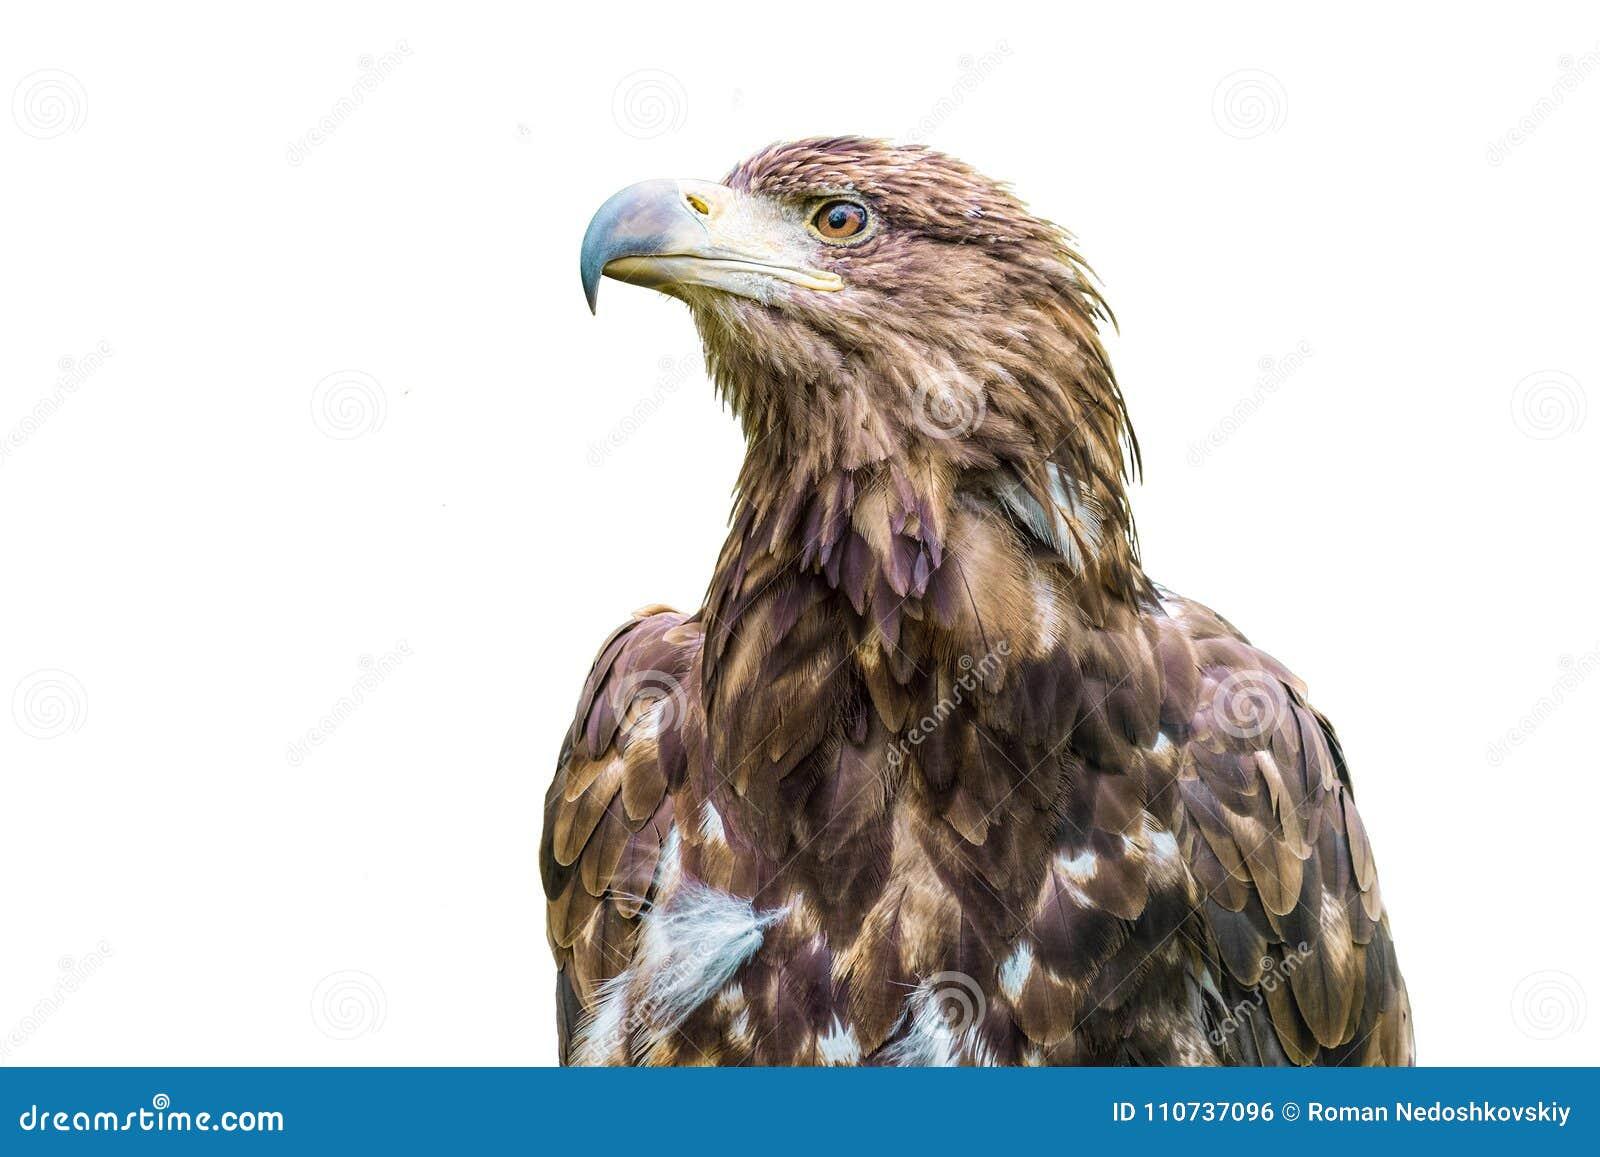 Retrato do estepe Eagle Pássaro de rapina selvagem